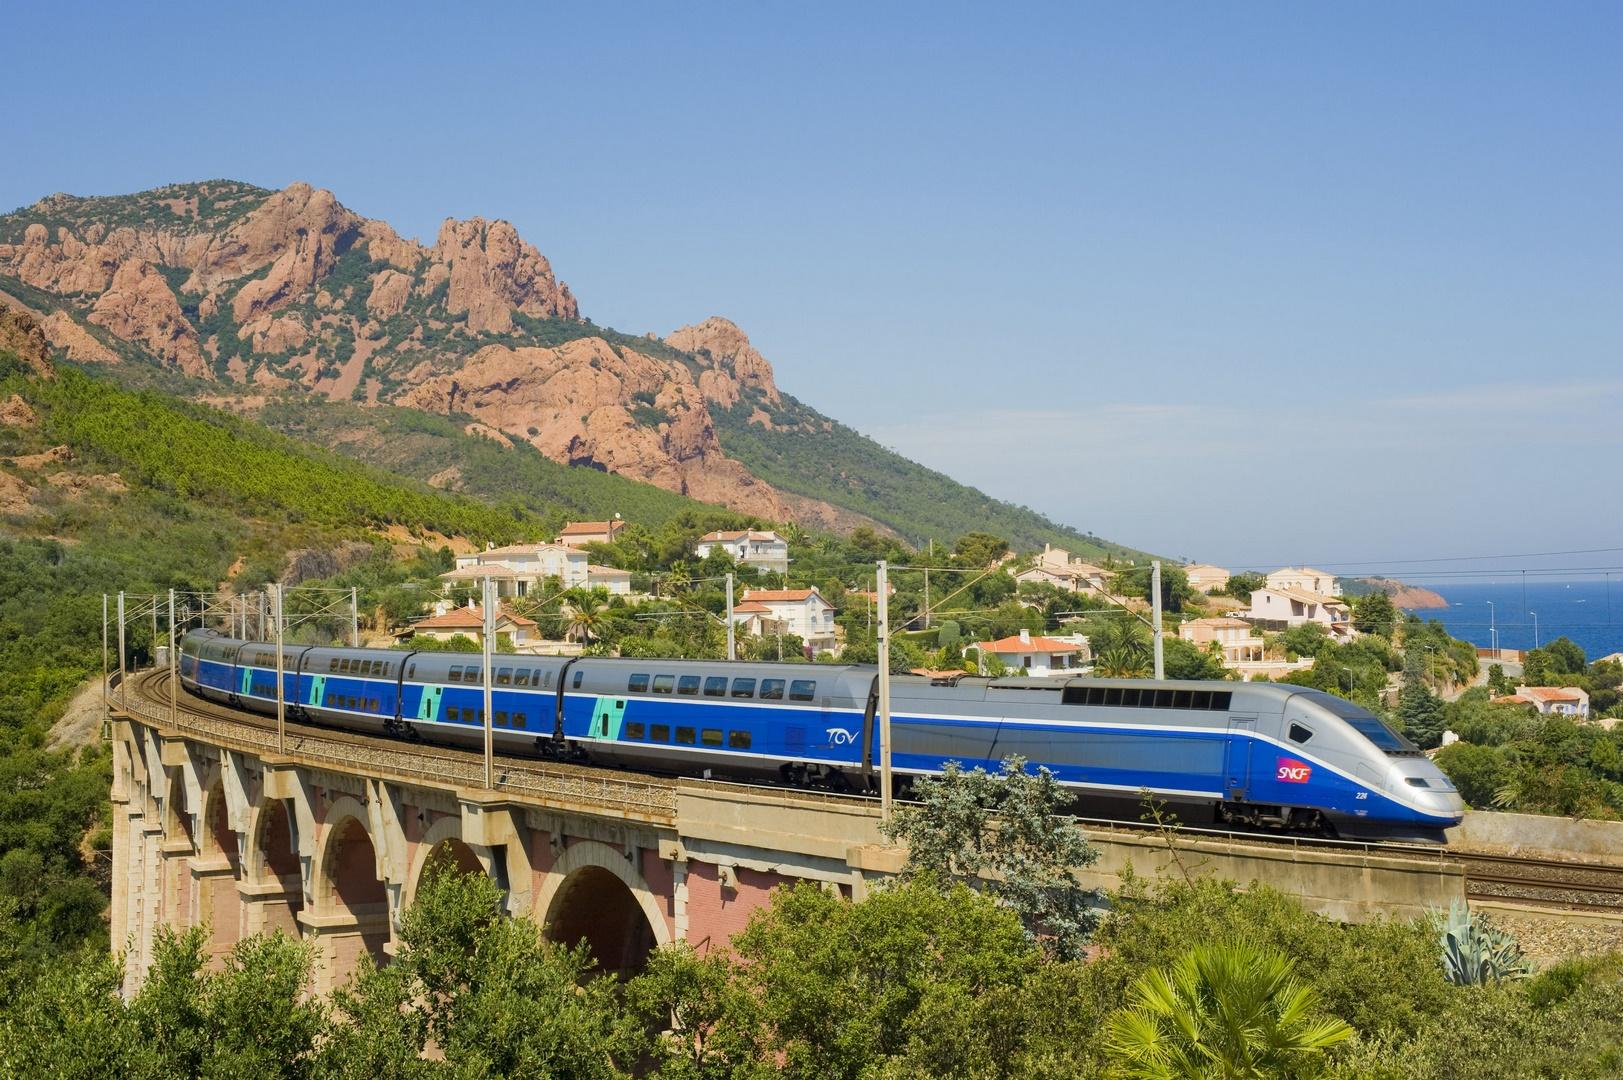 El tren de alta velocidad que te lleva a Nimes